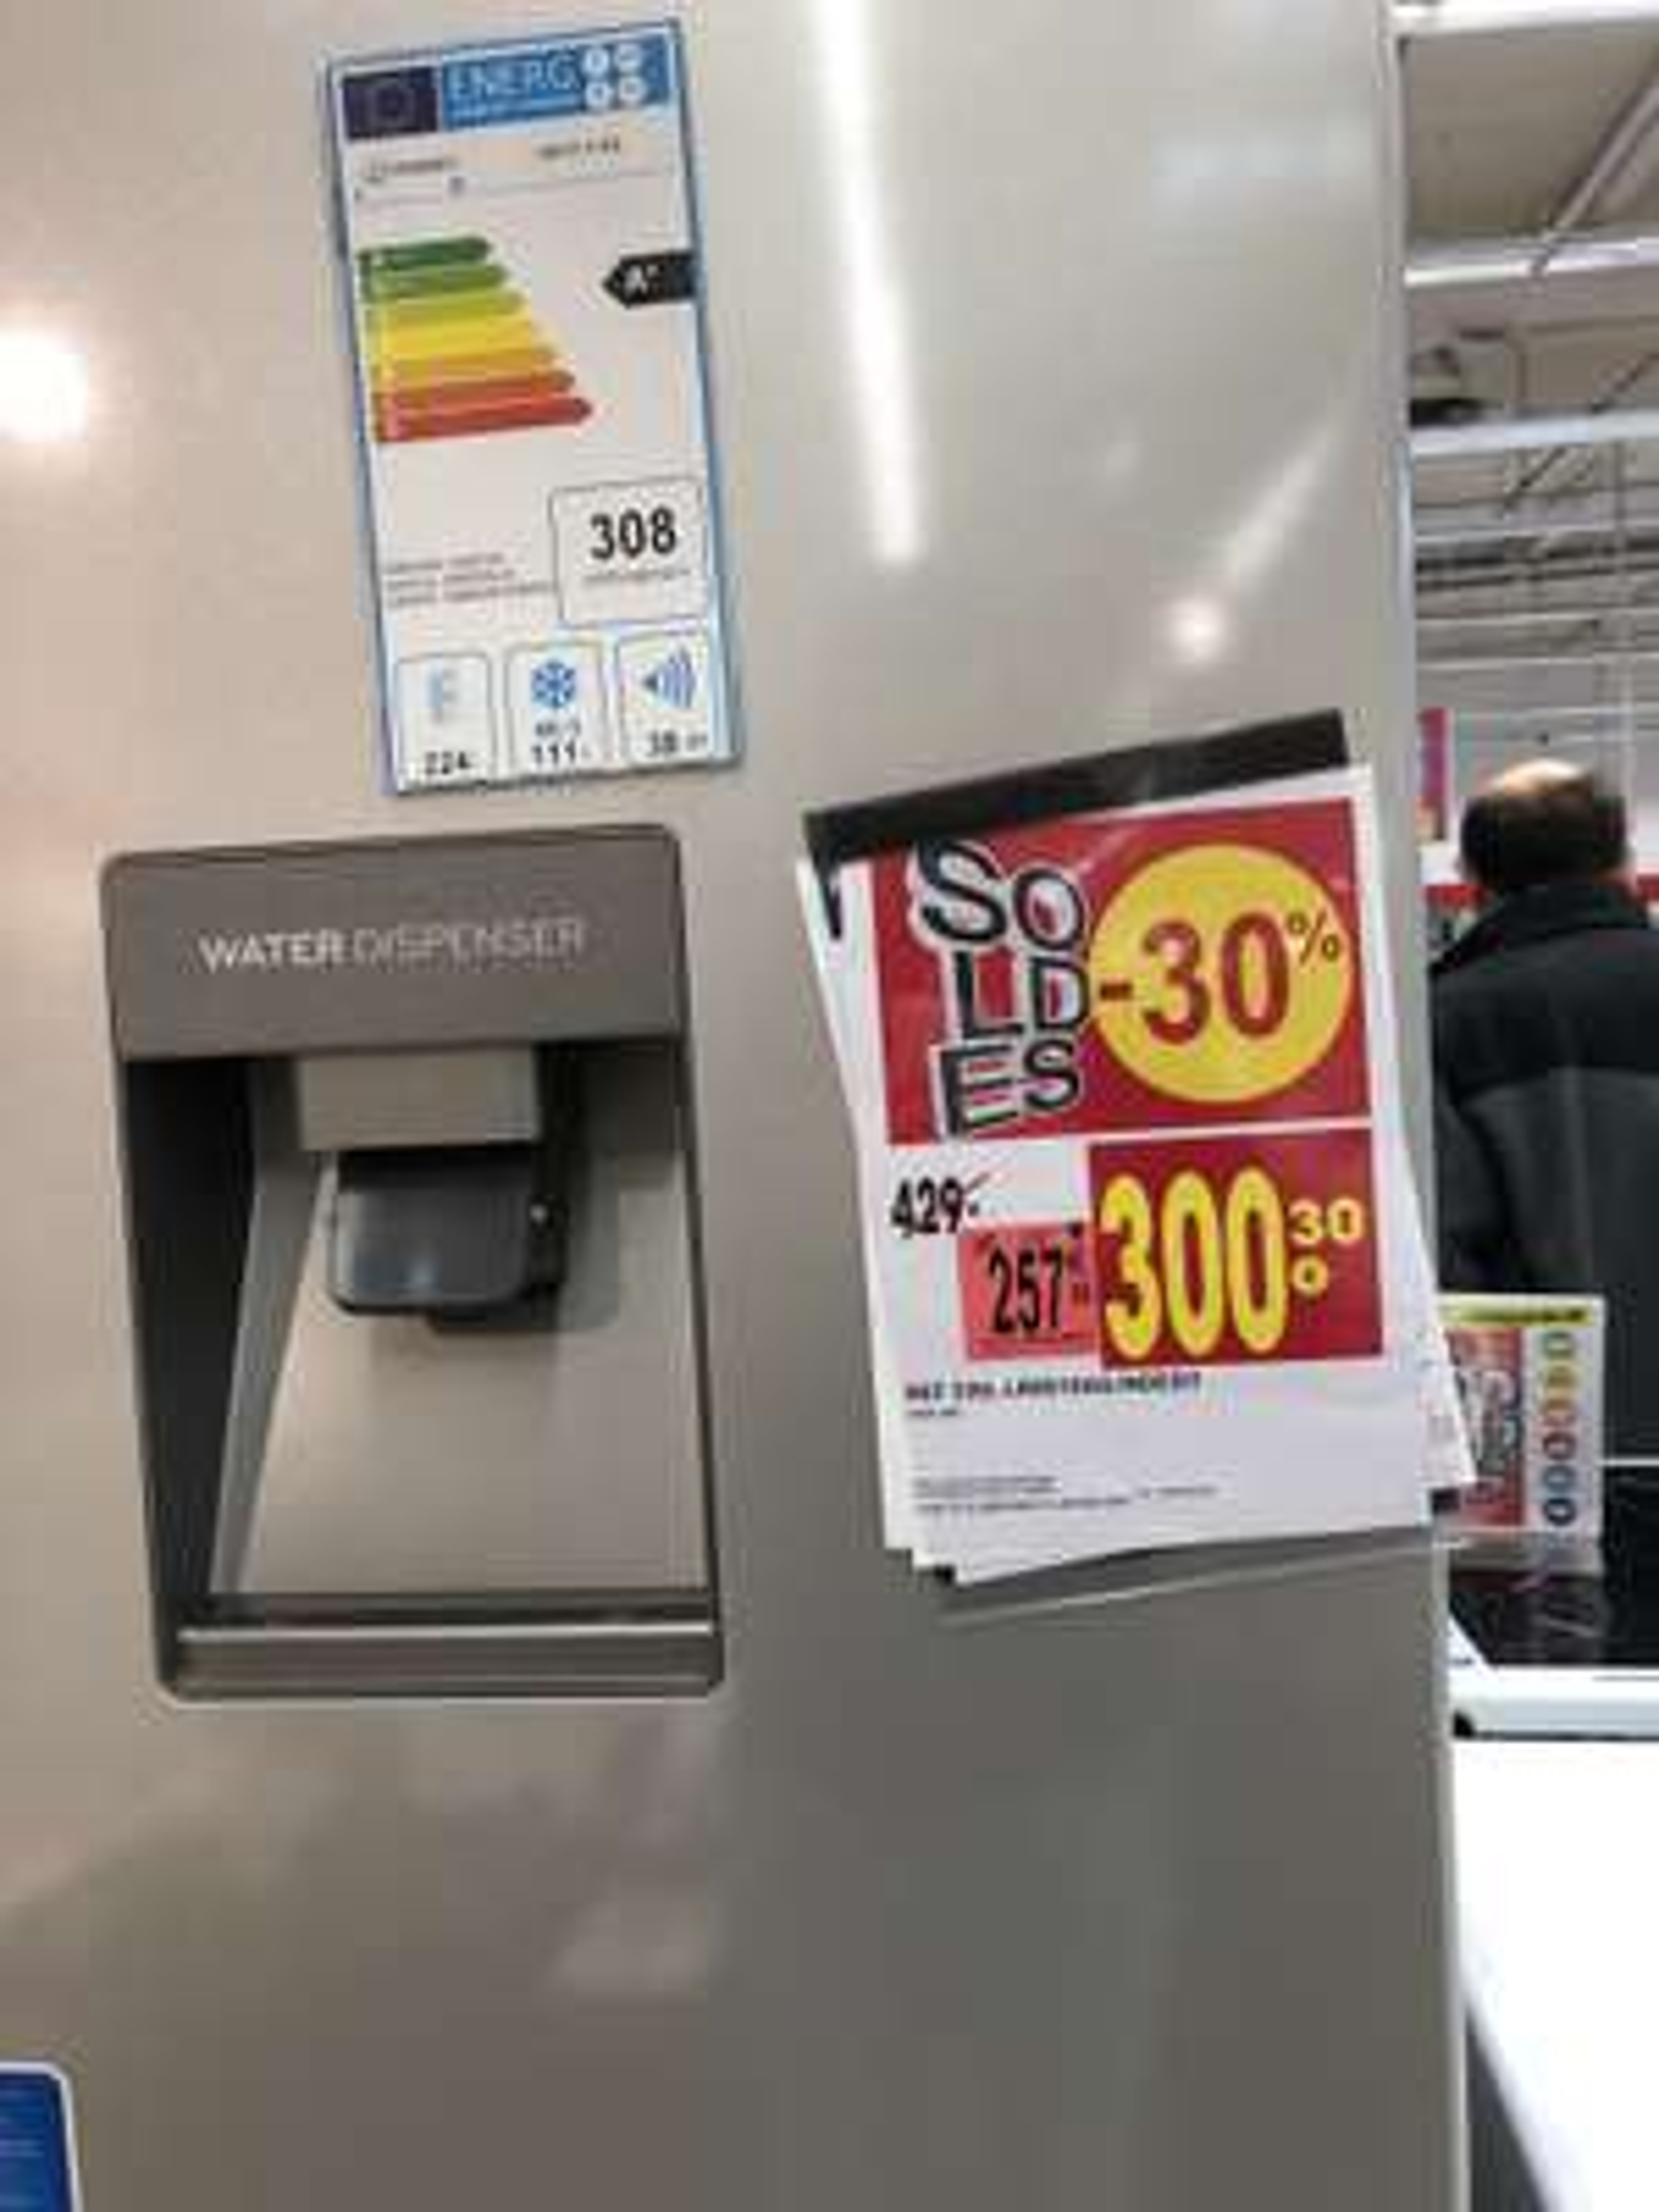 Réfrigérateur Indesit LR8S1SAQ, 335L - Espace Anjou (49)